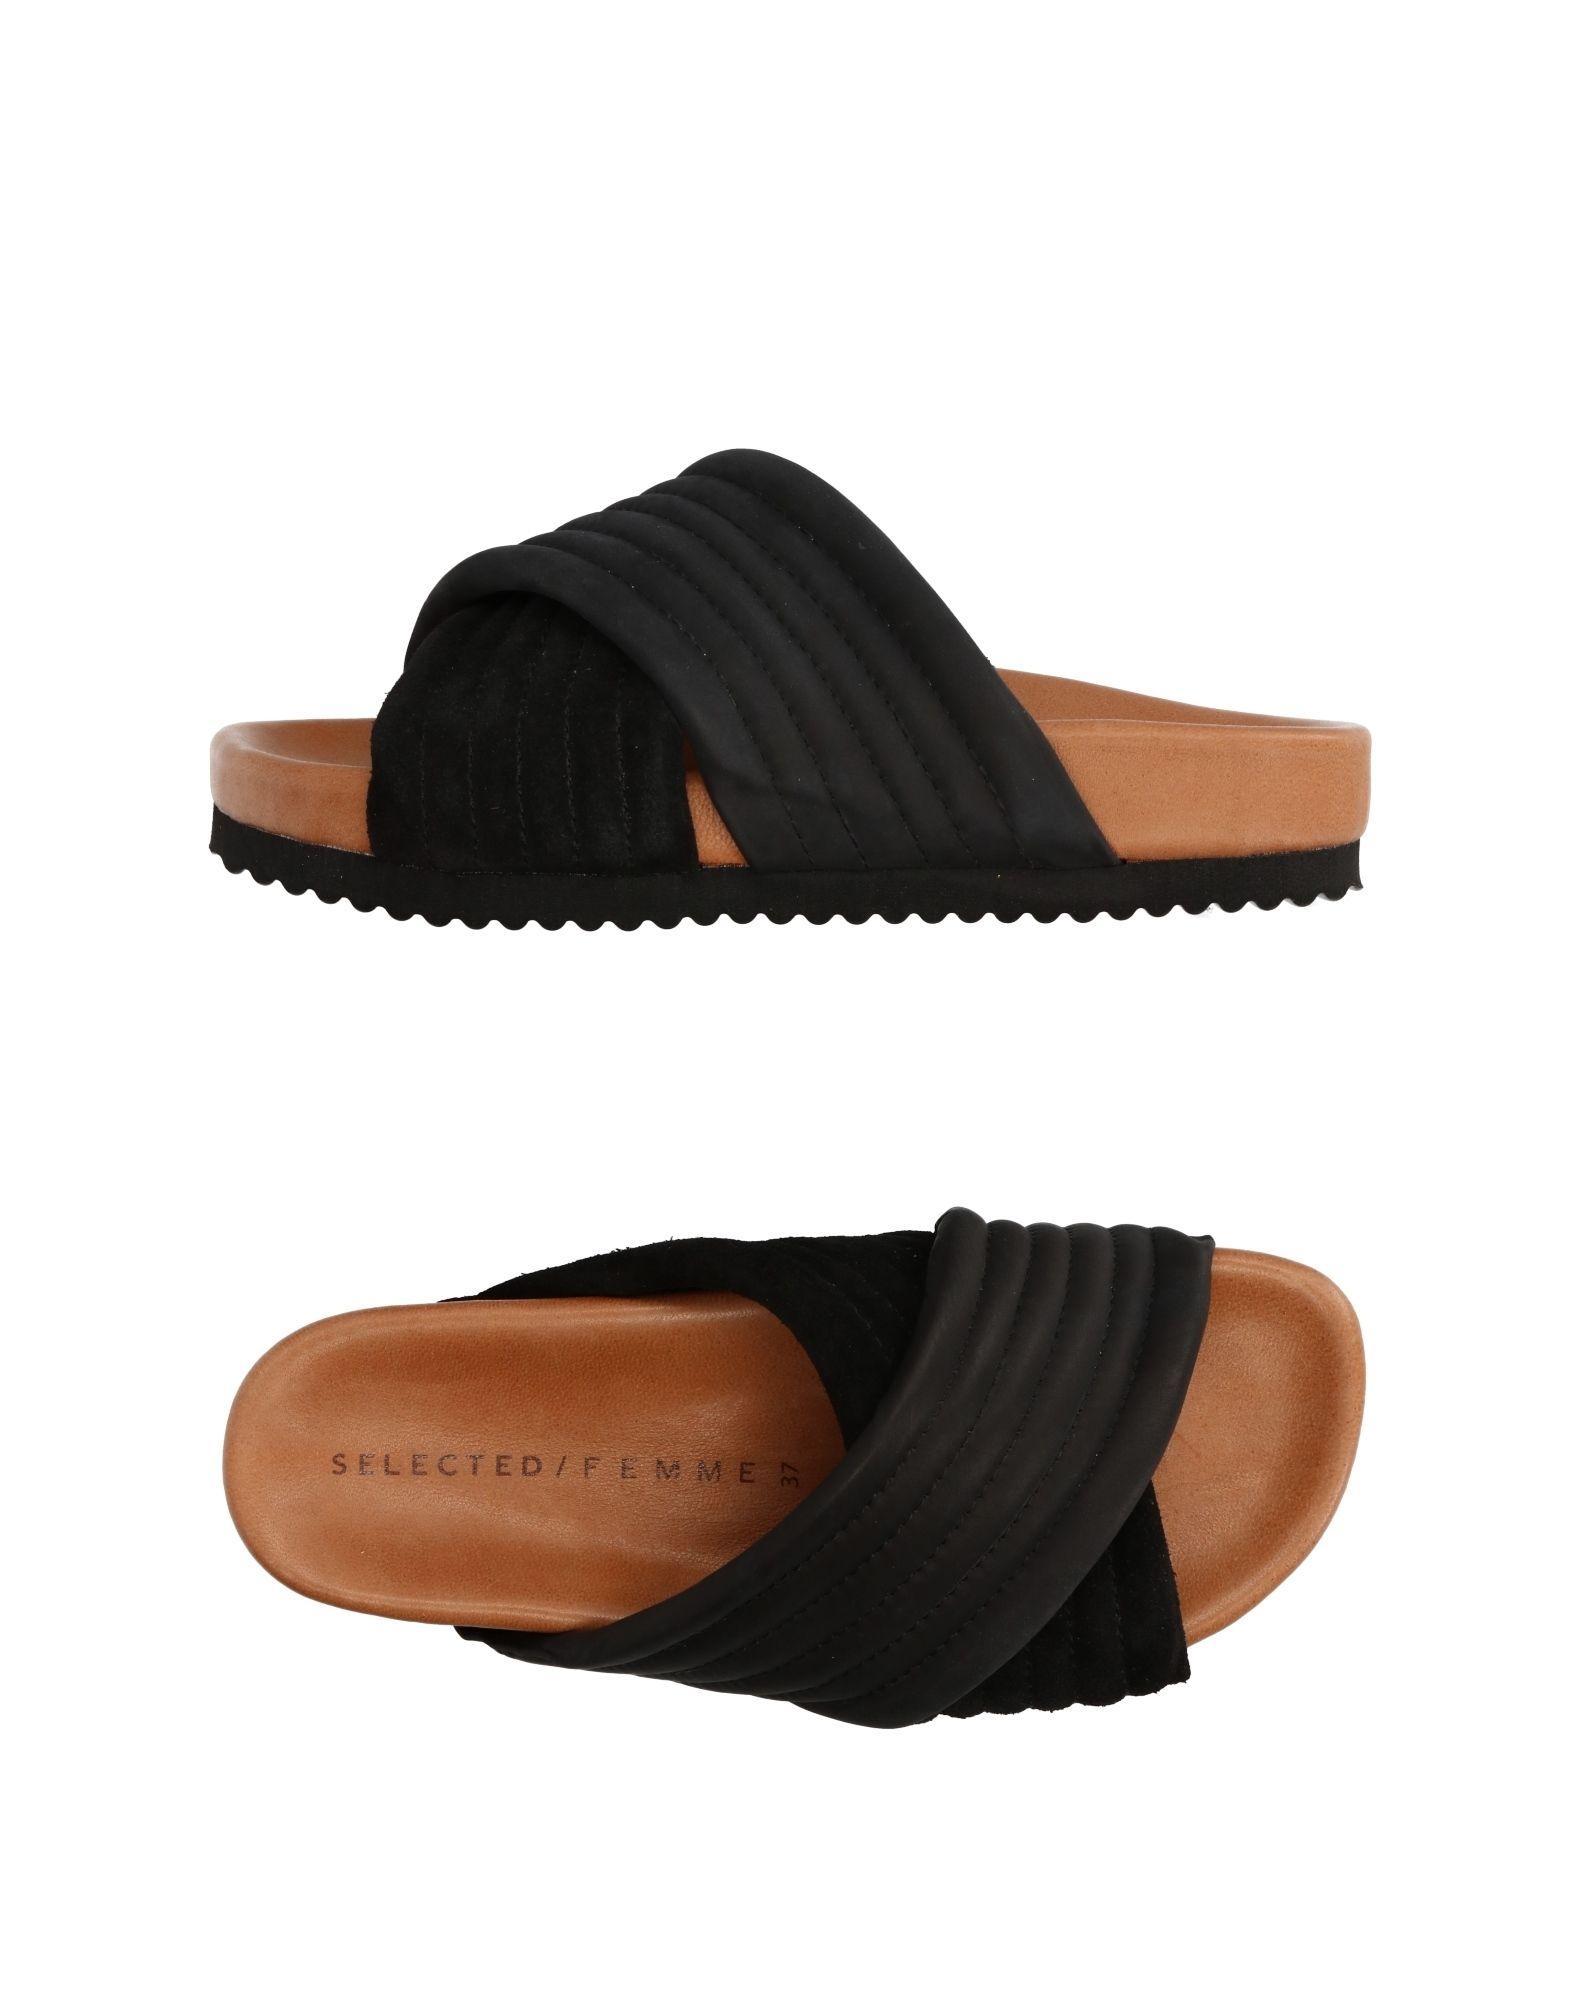 Lucky Black Mesh Ballerina Shoes